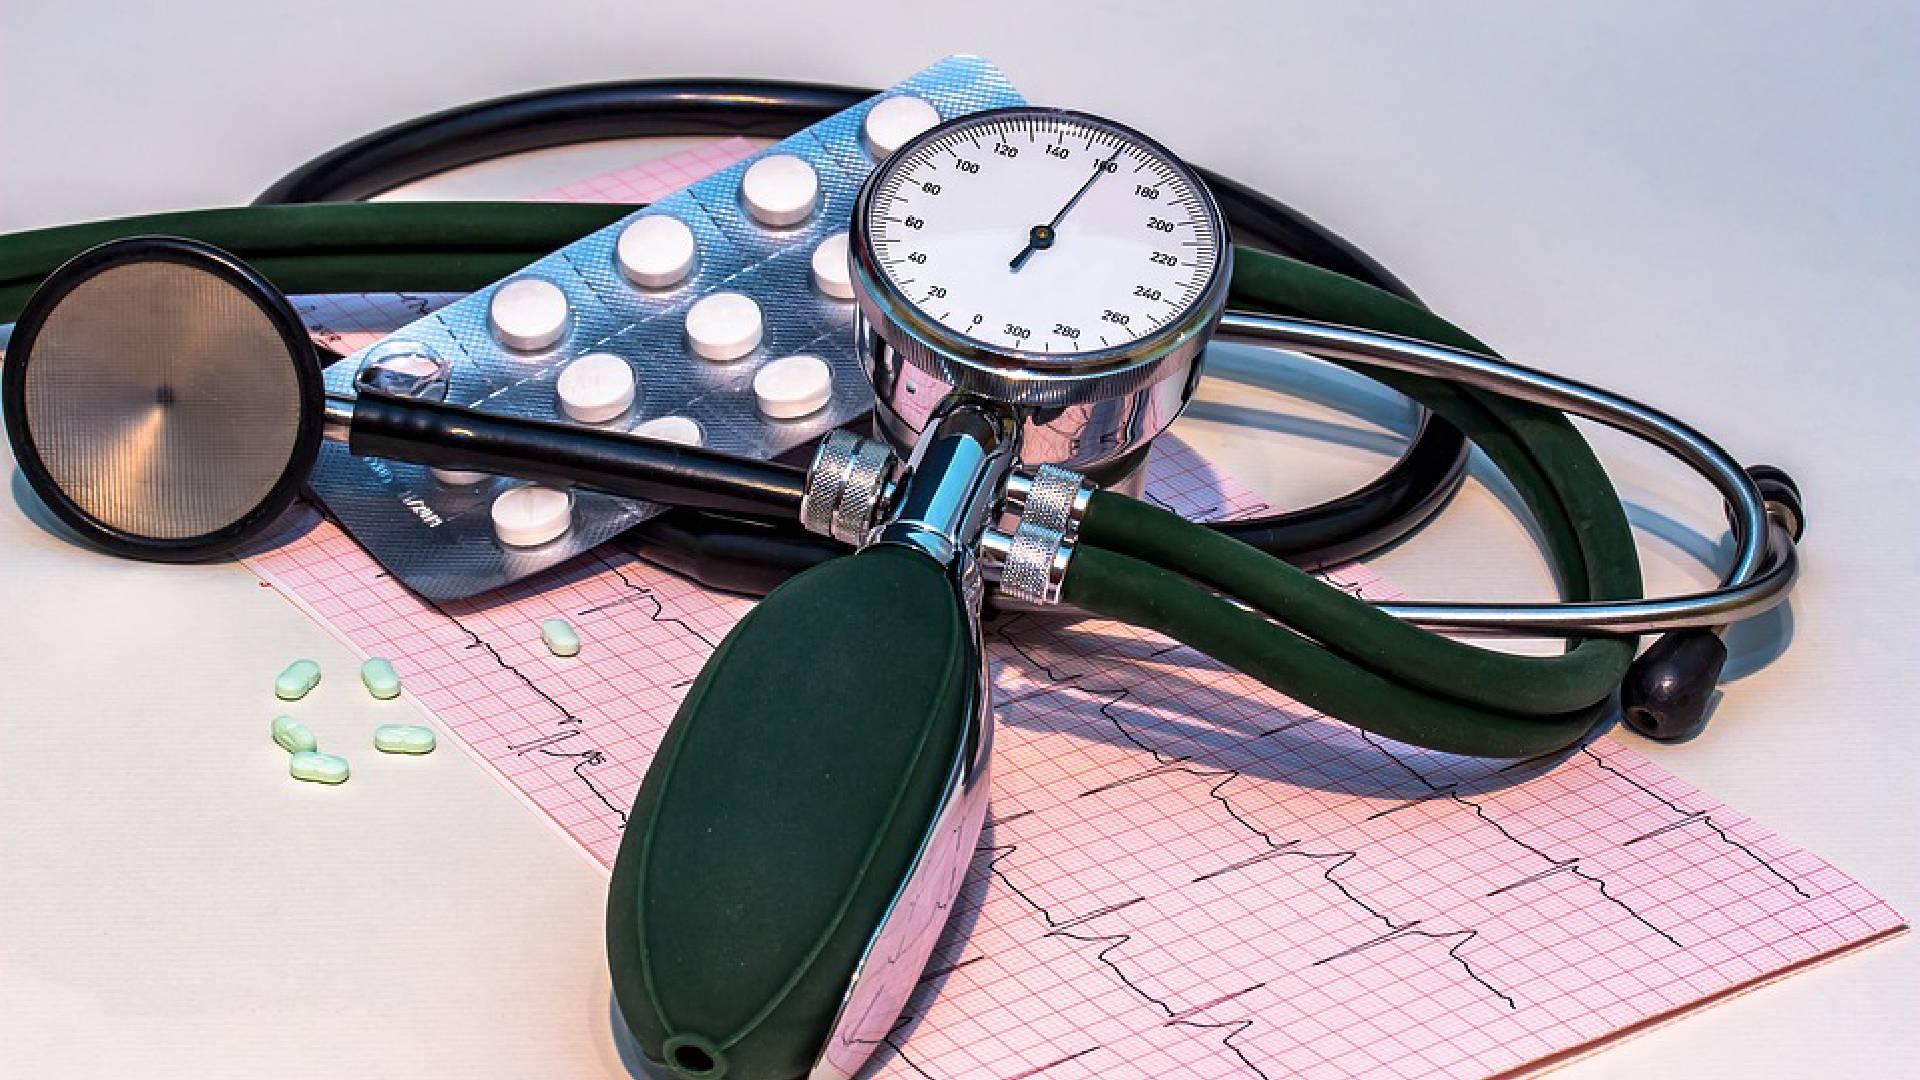 Health Tips: आप भी हैं हाई ब्लड प्रेशर के मरीज, तो इन पांच बातों का रखें खास ख्याल, वरना जा सकती हैं आपकी जान